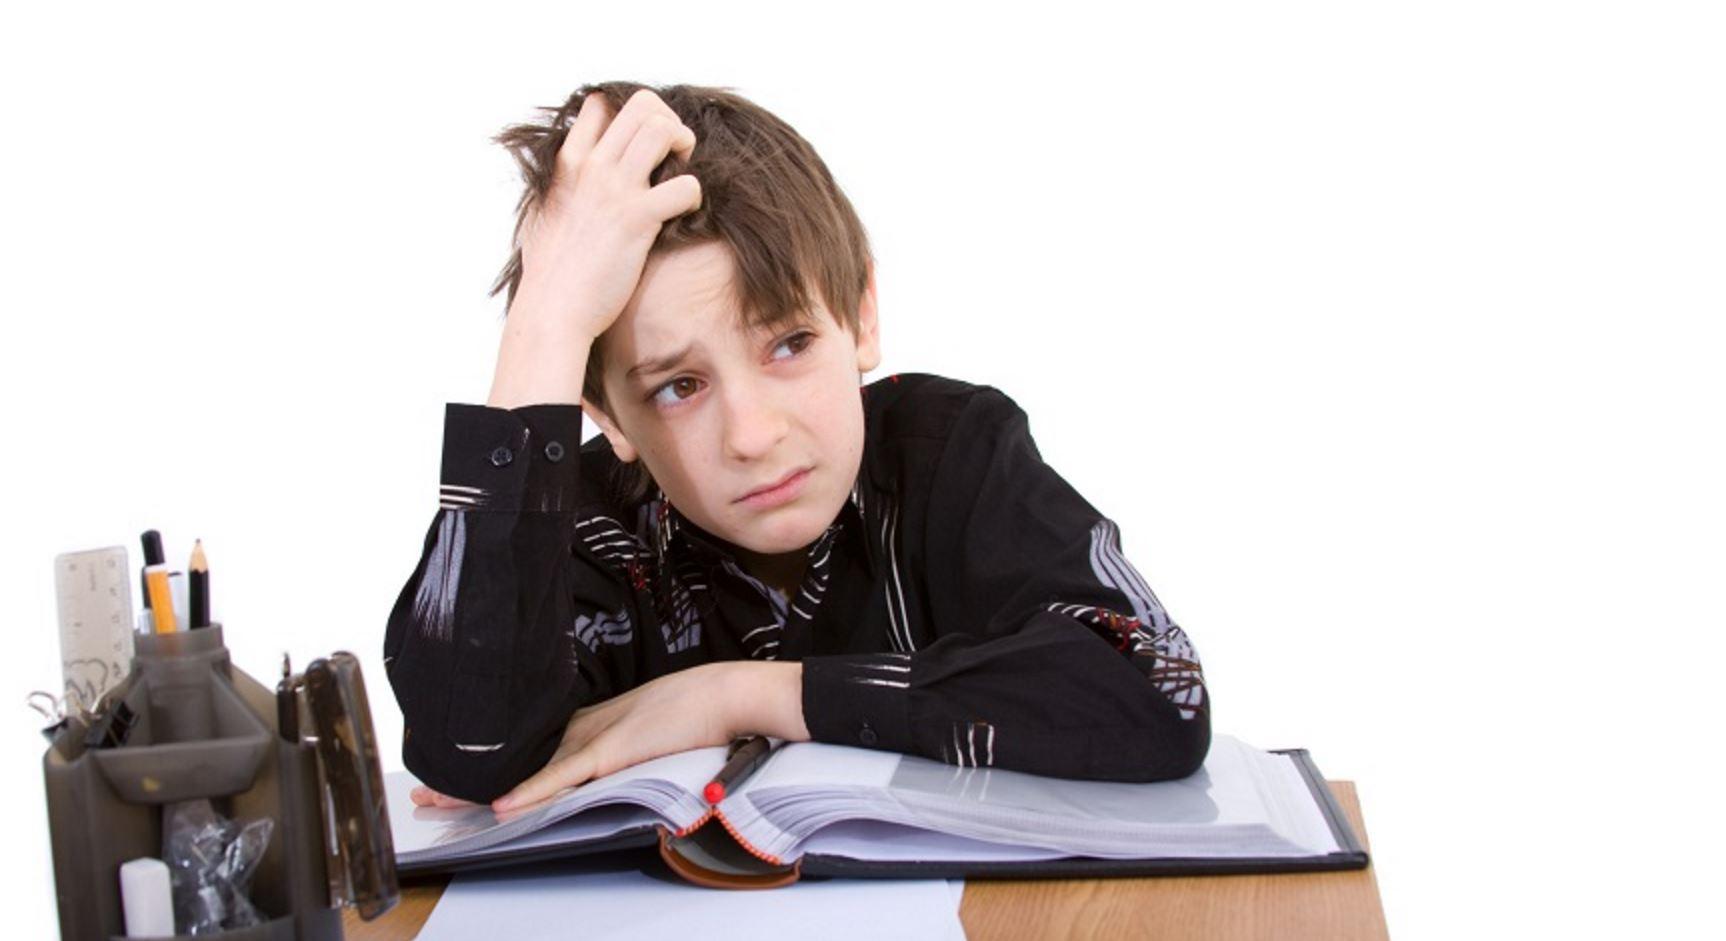 انجام ندادن تکالیف در کودکان؛ فرزندم مشق نمی نویسد